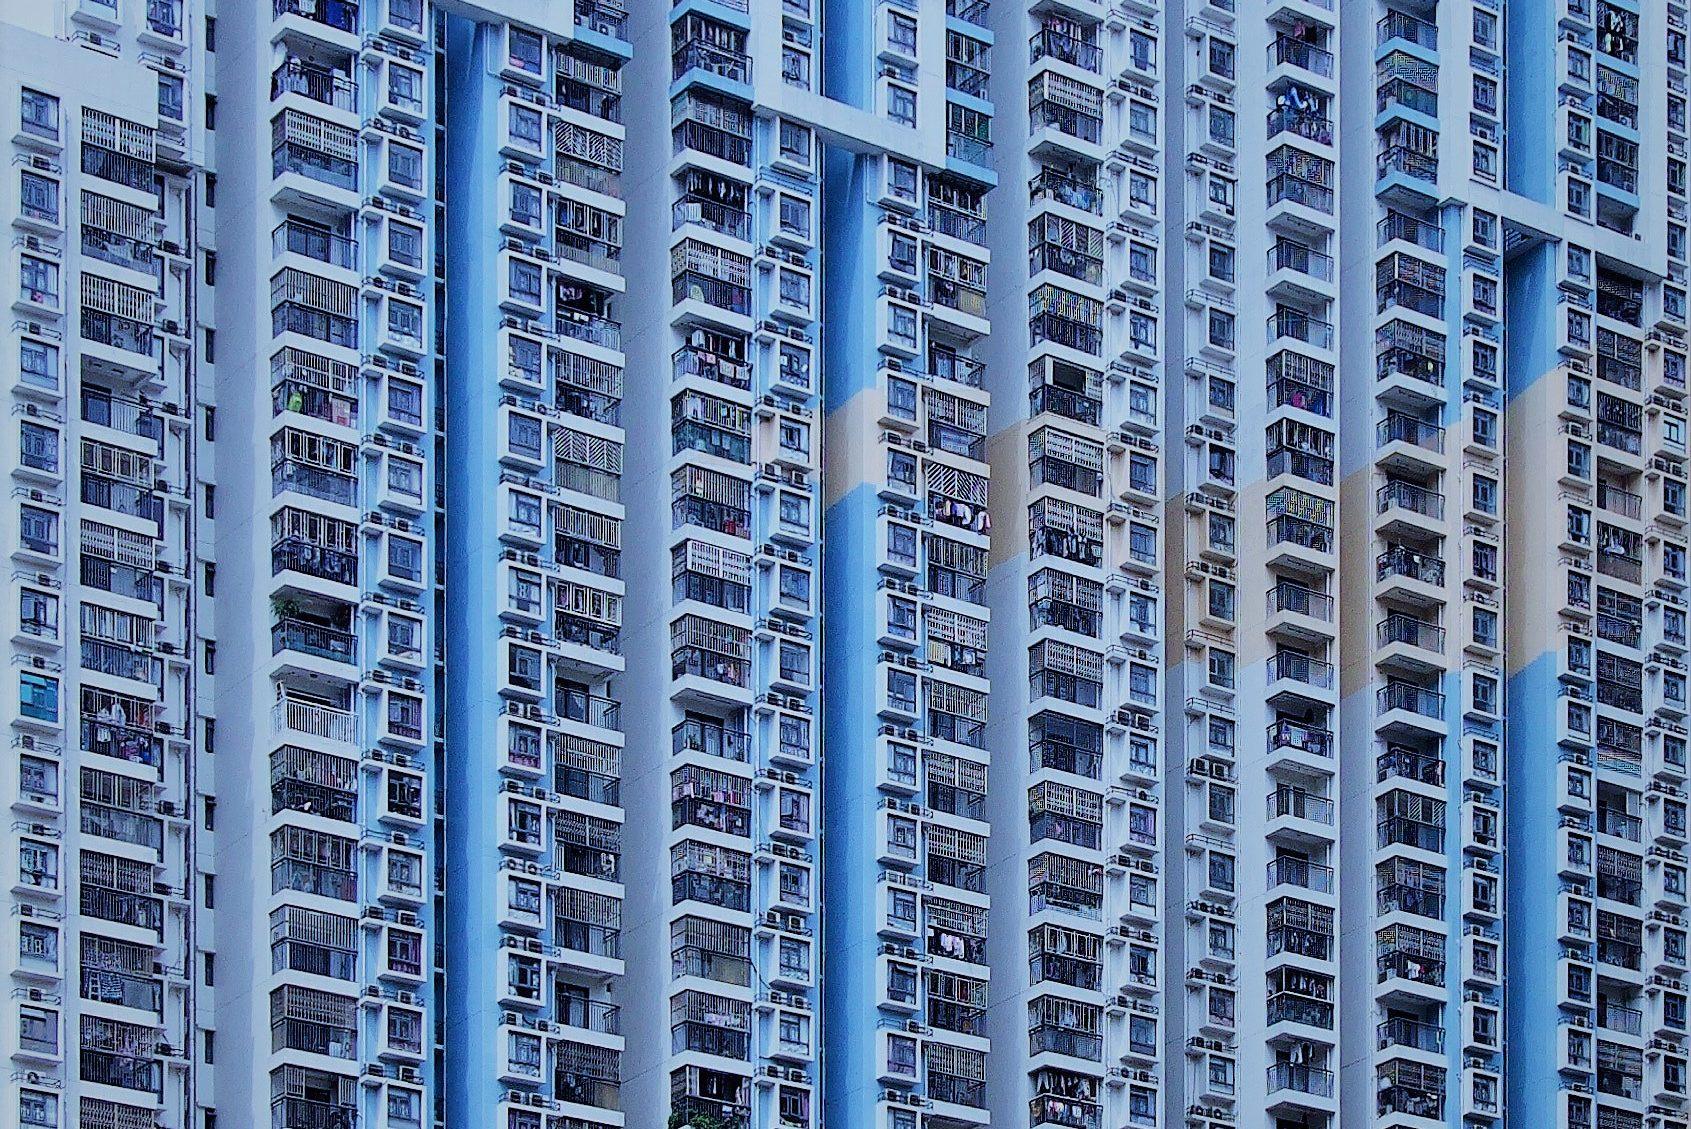 großer Wohnblock - Baubescheid